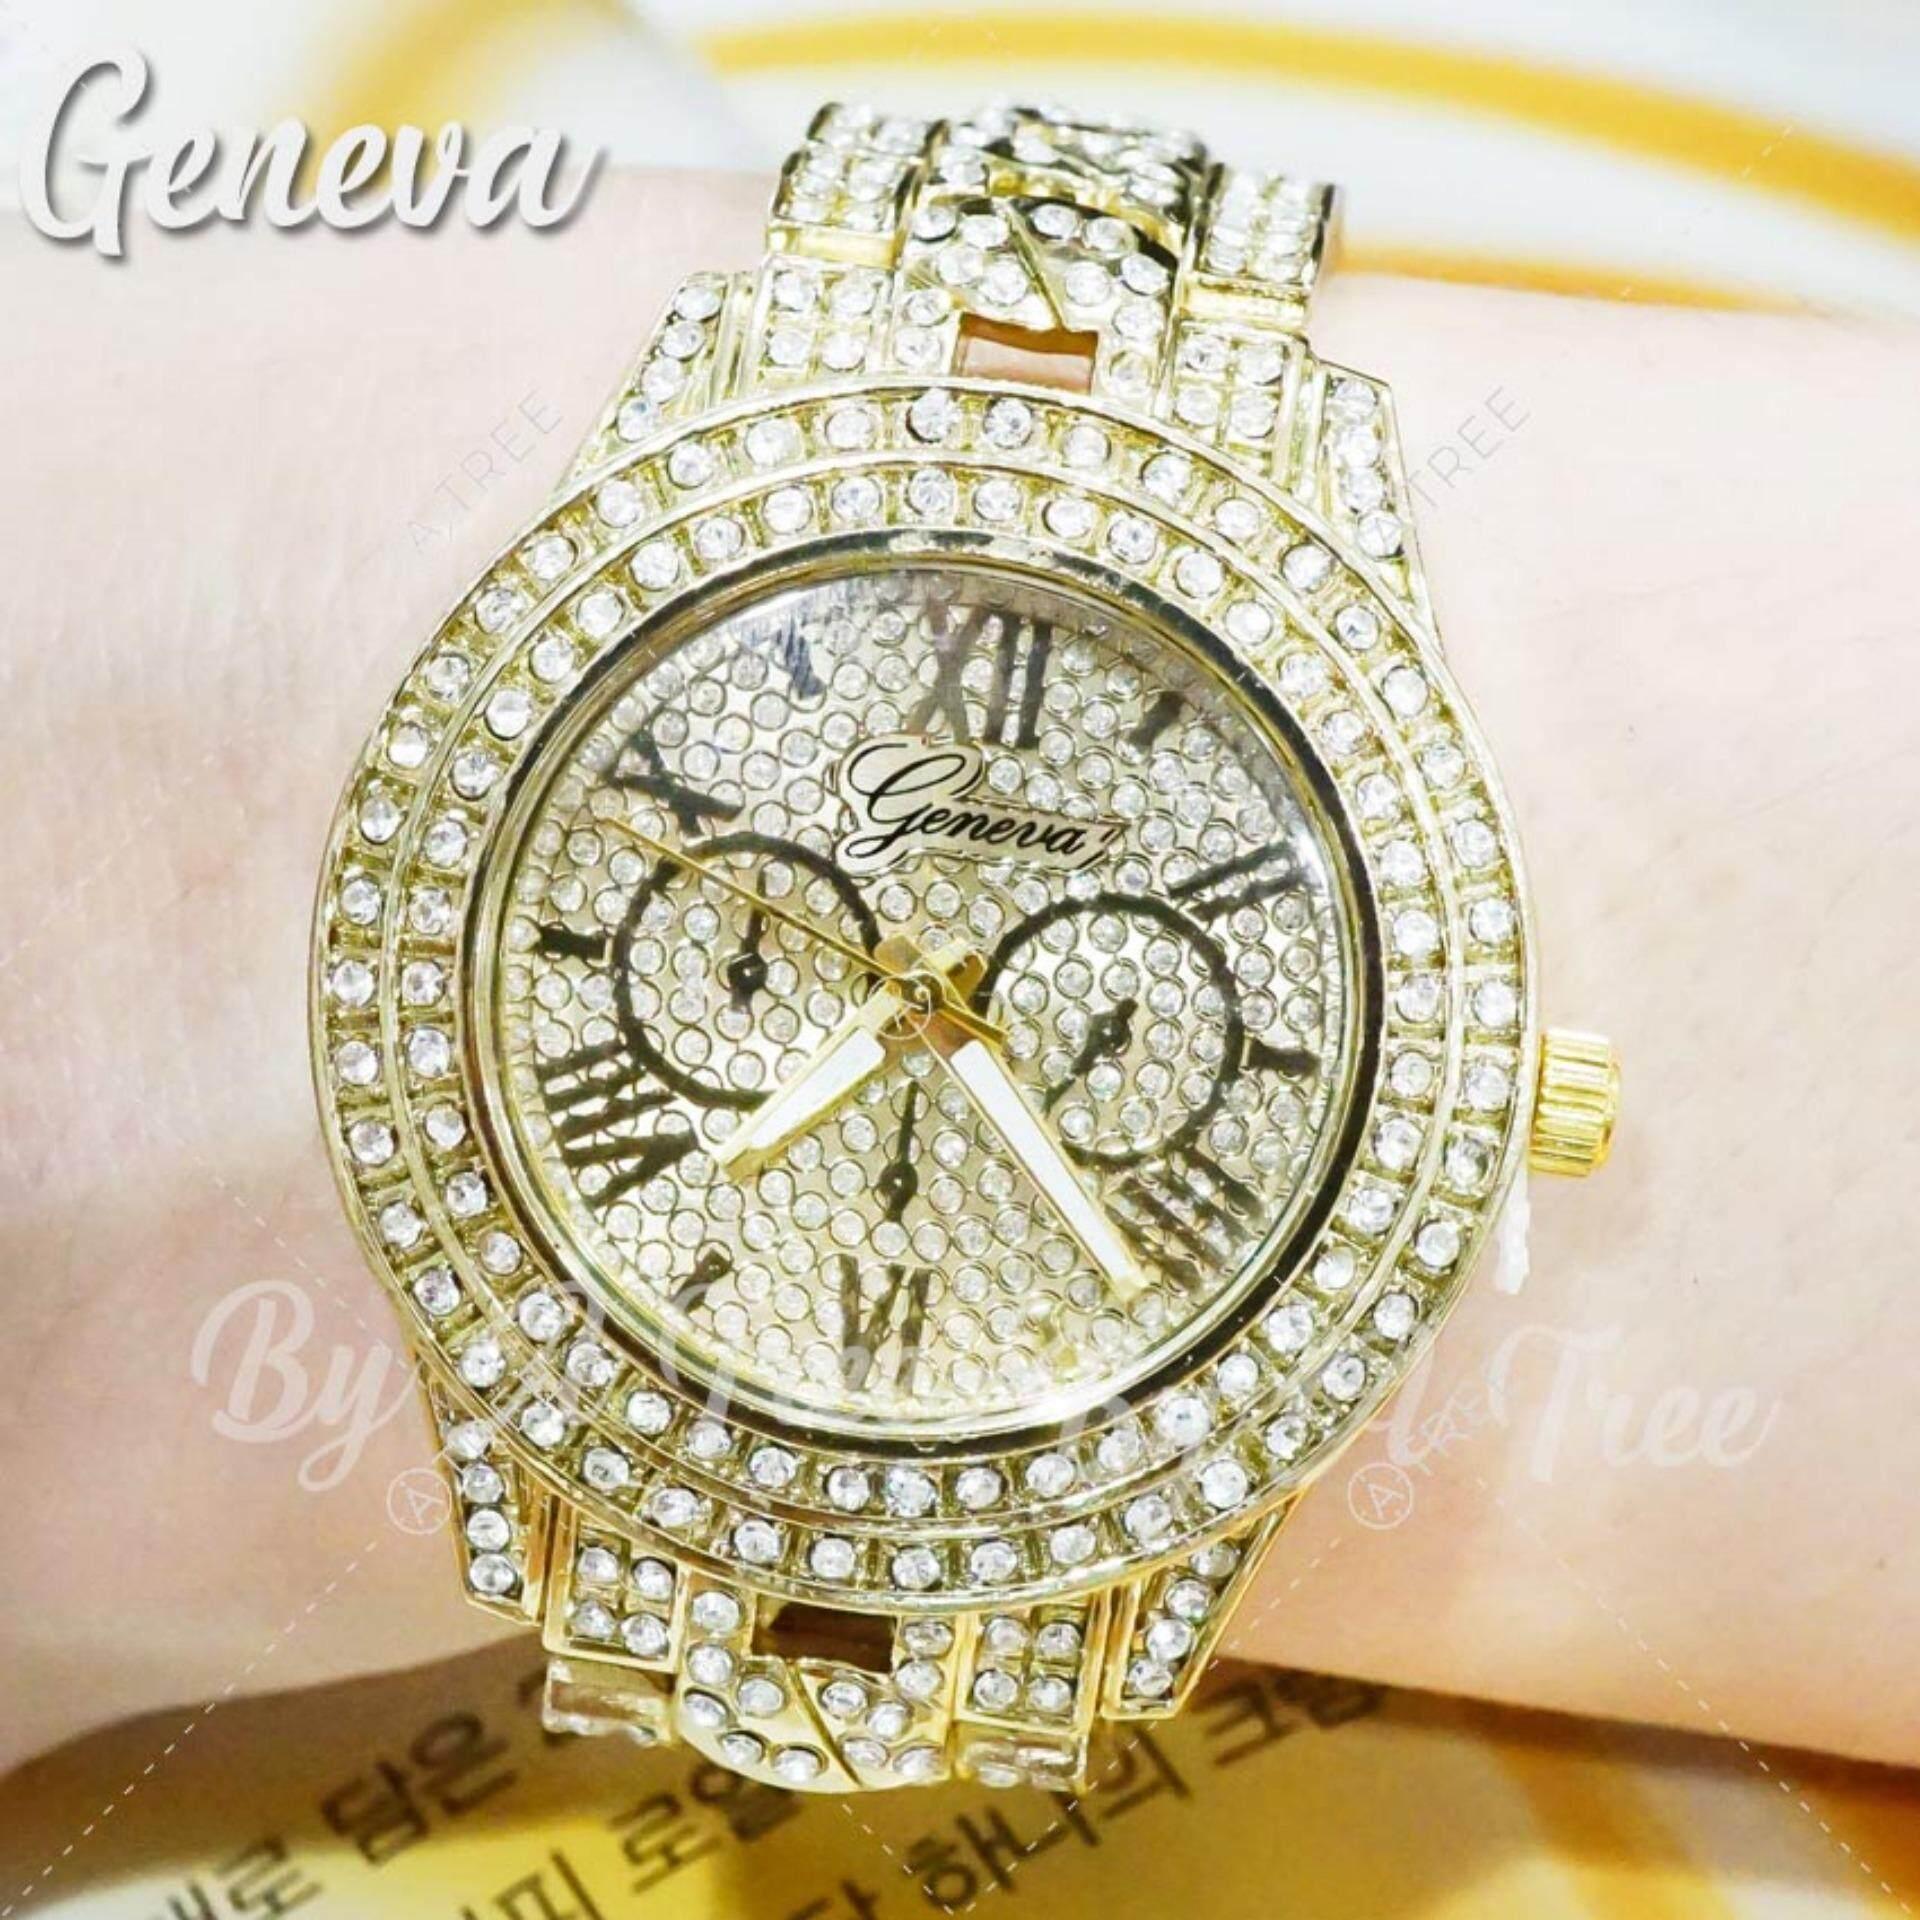 ซื้อ Geneva นาฬิกาข้อมือ สายแสตนเลส ฝังเพชรทั้งเรือน สไตล์ หรูหรา Diamond รุ่น Zd 0146 สีทอง ถูก กรุงเทพมหานคร